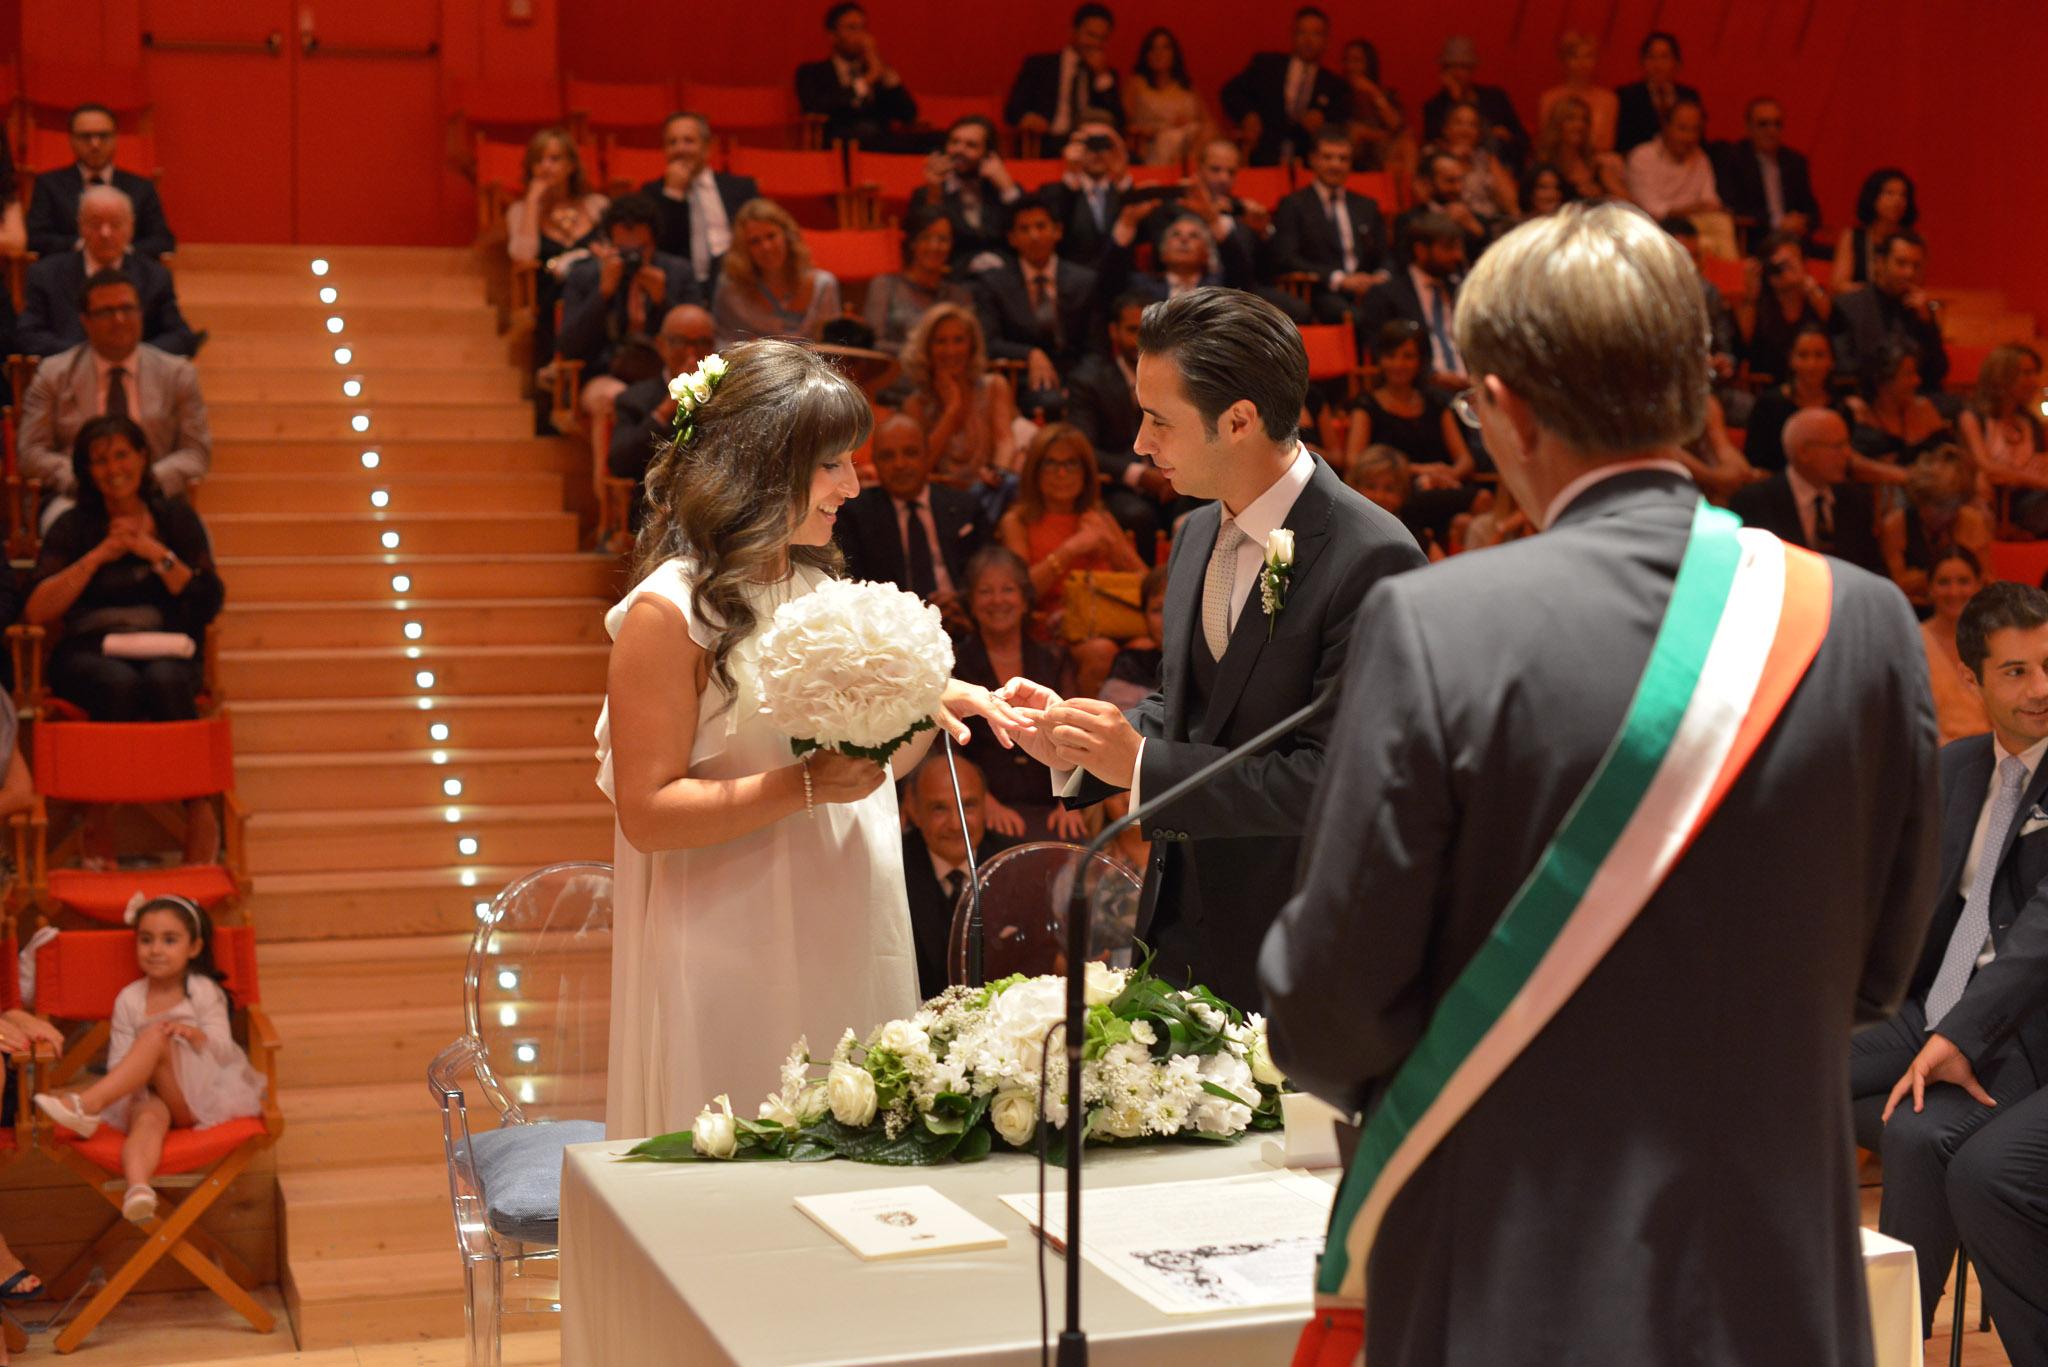 boda en italia_pablosalgado__PSB0687.jpg